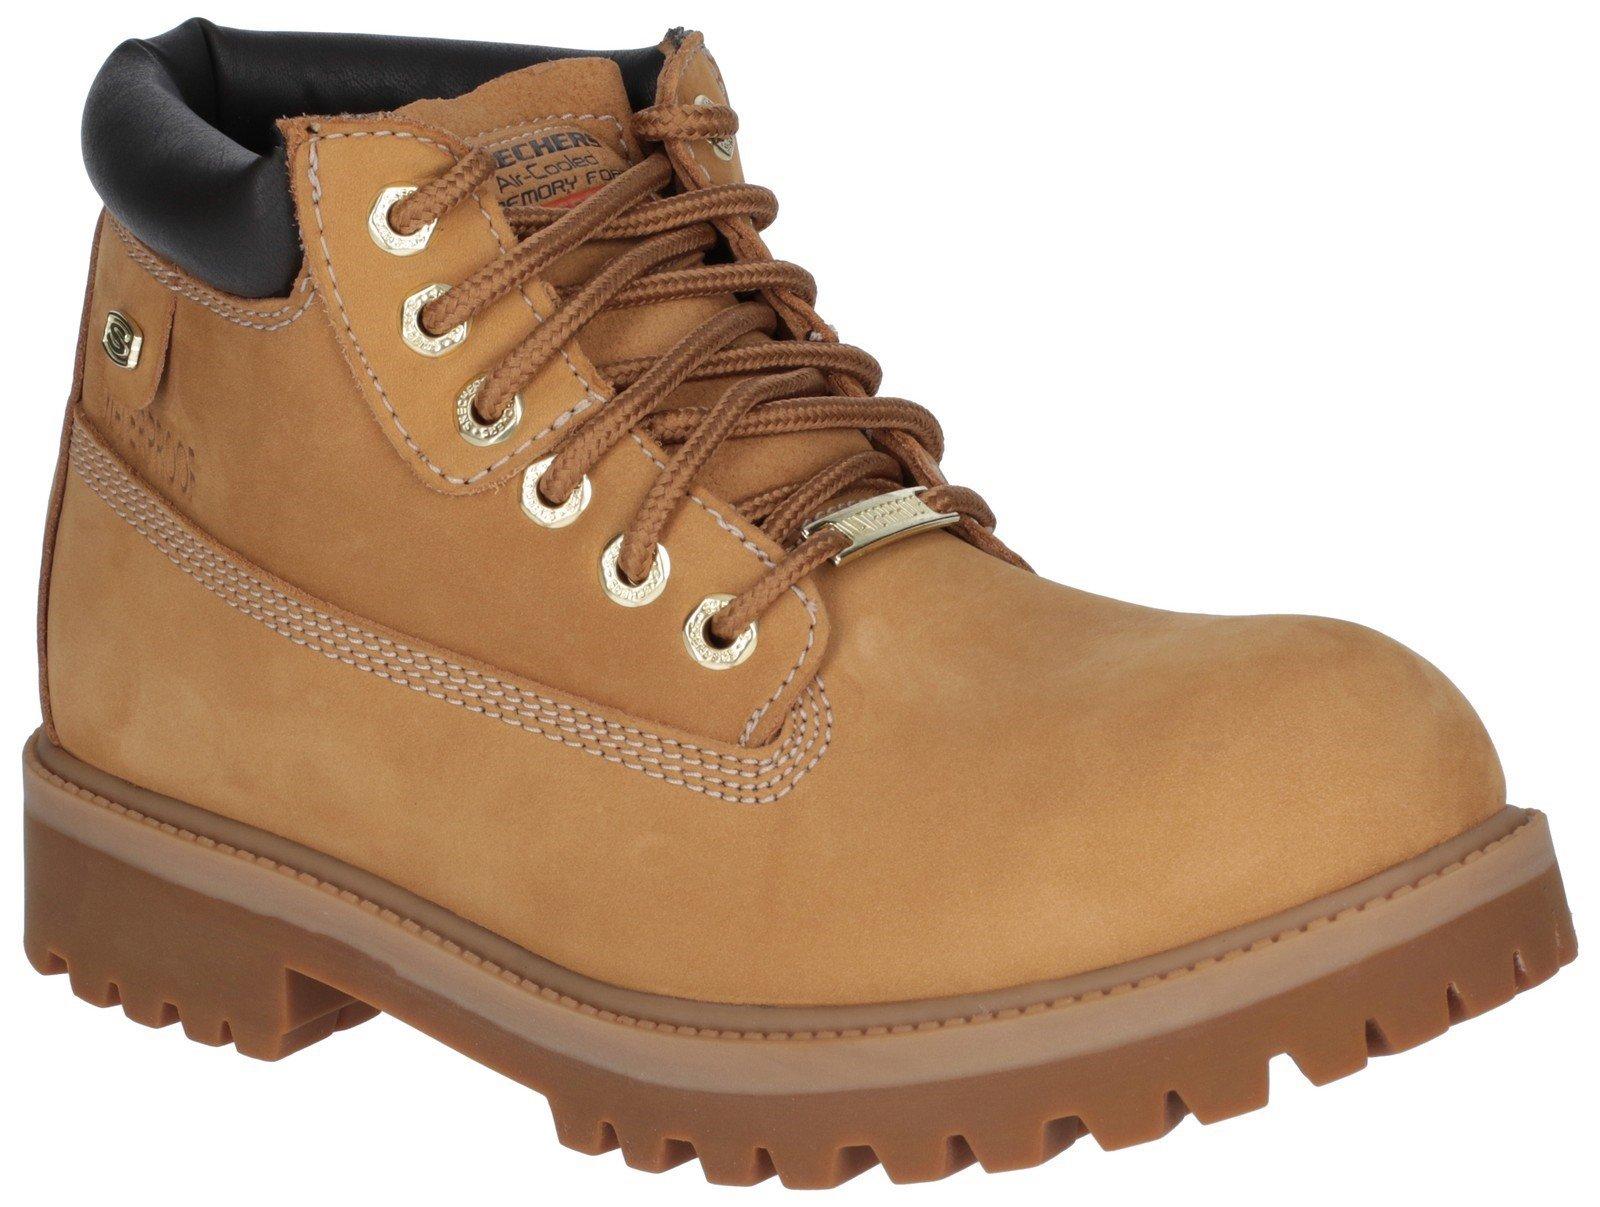 Skechers Unisex Sergeants Verdict Boot Various Colours 18261 - Wheat/Gum 12